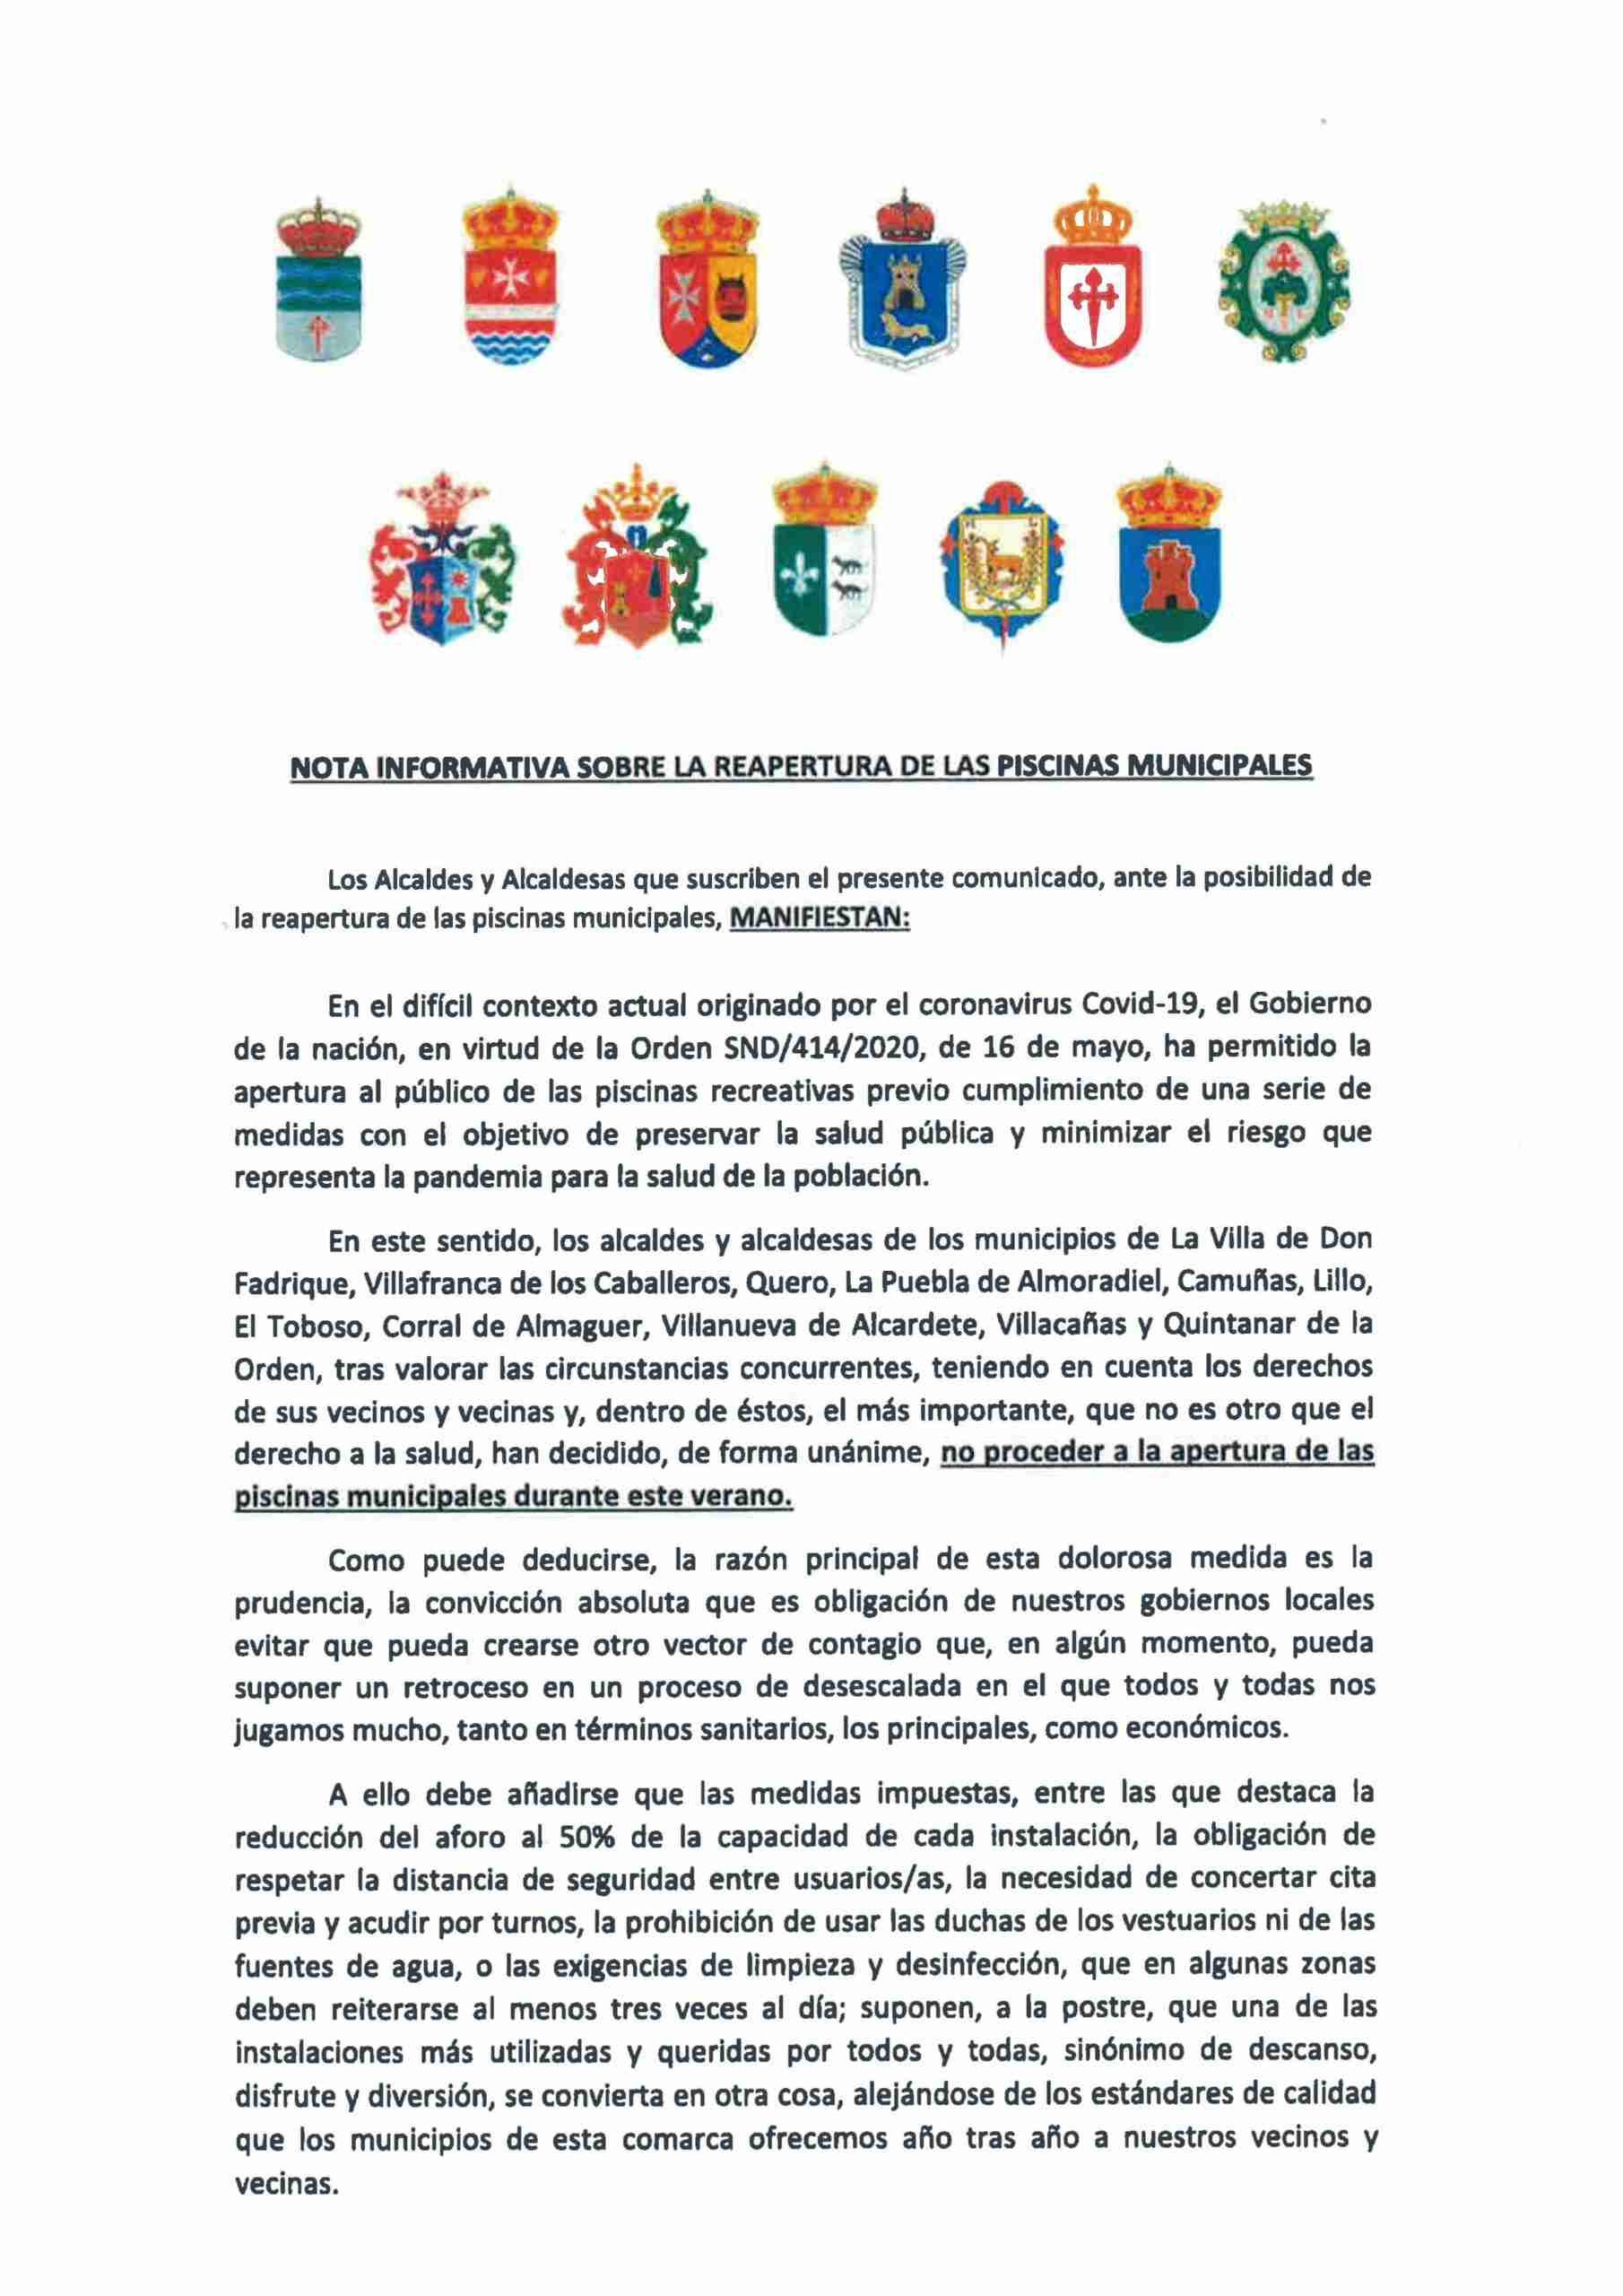 Quintanar de la Orden se suma al acuerdo de los Ayuntamientos de la comarca de no abrir las piscinas  municipales 5